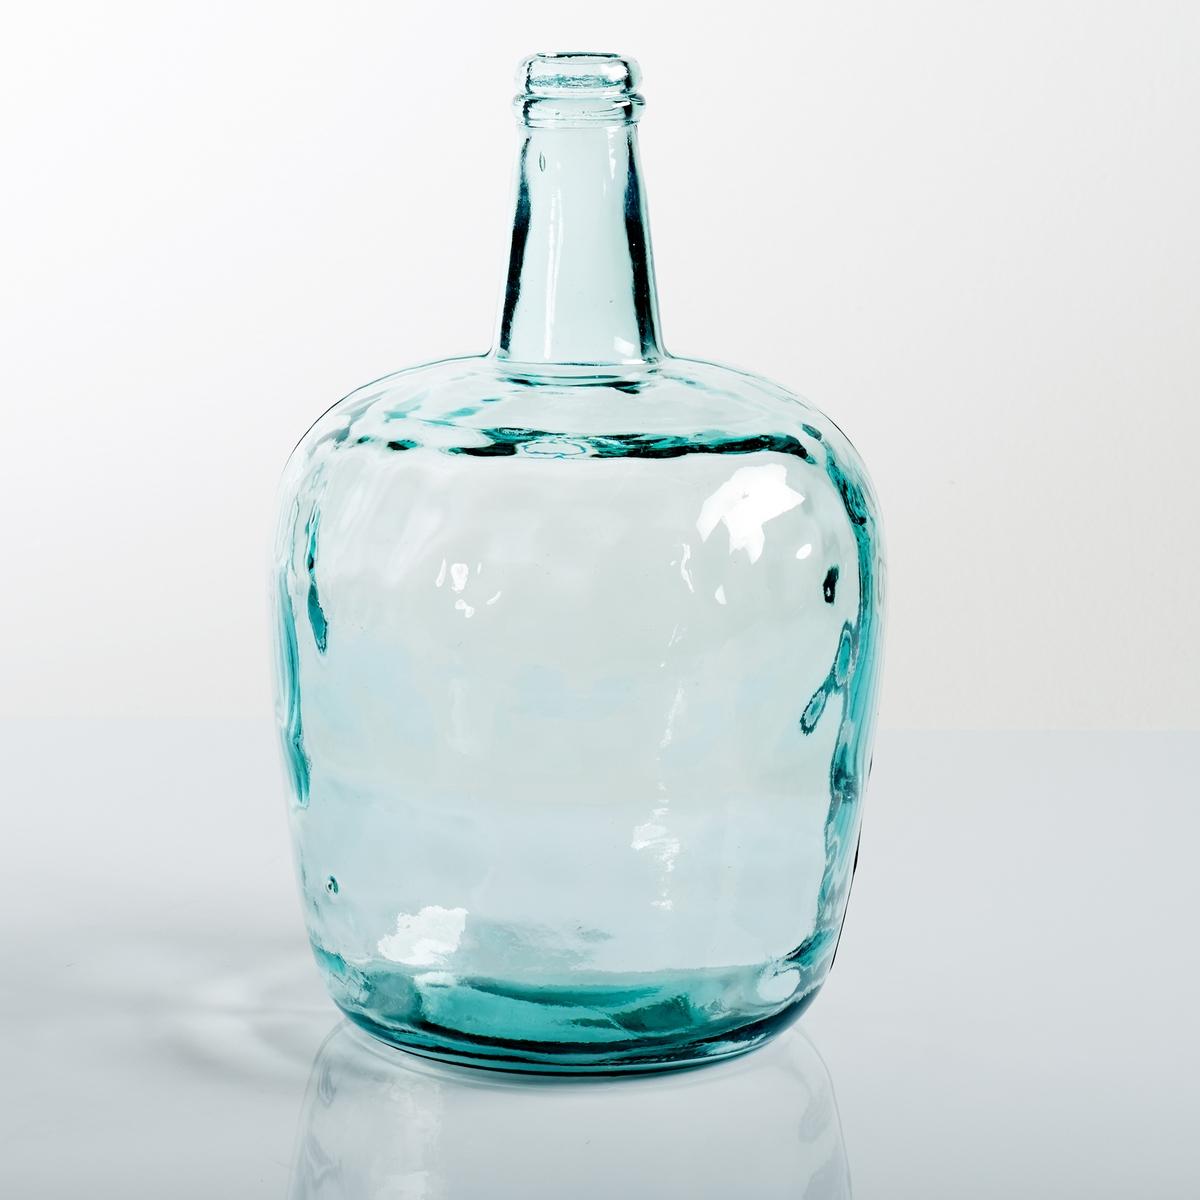 Ваза-бутыль стеклянная, IzoliaВаза-бутыль стеклянная, Izolia. В духе старинной оплетенной бутыли, эти вазы привнесут в ваш интерьер очень модный винтажный стиль!Характеристики вазы-бутыли Izolia :Стекло с возможностью повторного использования Бутыль из выдуваемого стекла Izolia Всю коллекцию Izolia ищите на сайте laredoute.ruРазмеры вазы-бутыли Izolia :ОбщиеДиаметр : 23,5 см.Высота : 36,5 см.<br><br>Цвет: стеклянный крашеный,темно-зеленый<br>Размер: единый размер.единый размер